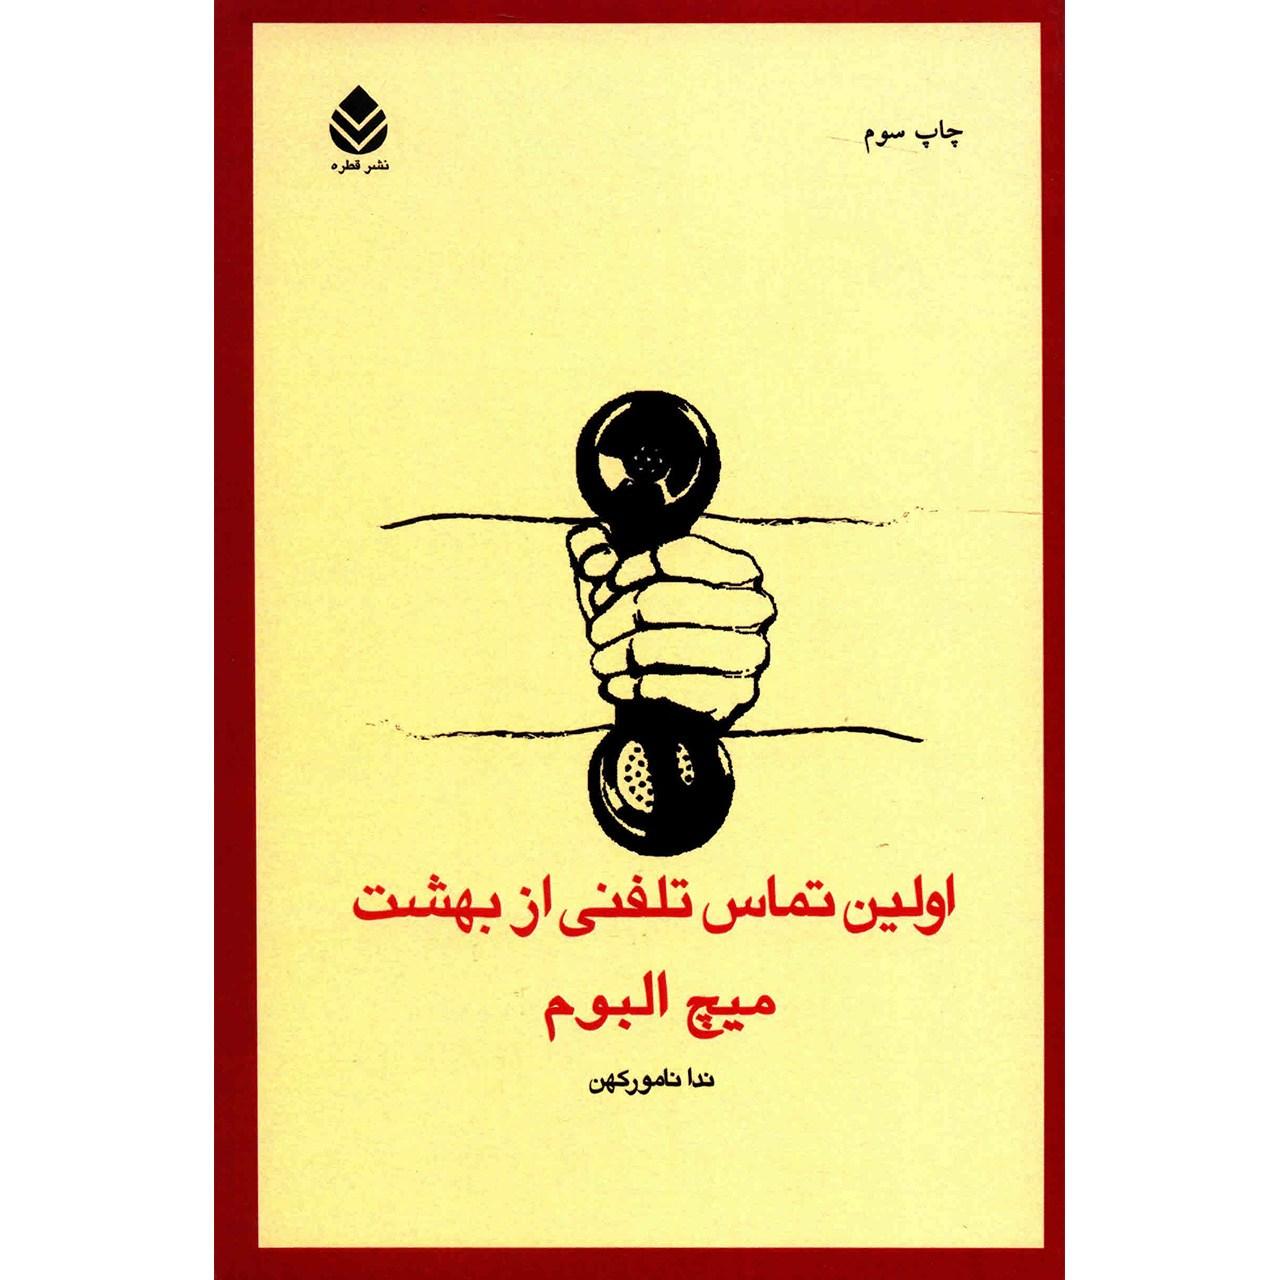 خرید                      کتاب اولین تماس تلفنی از بهشت اثر میچ البوم